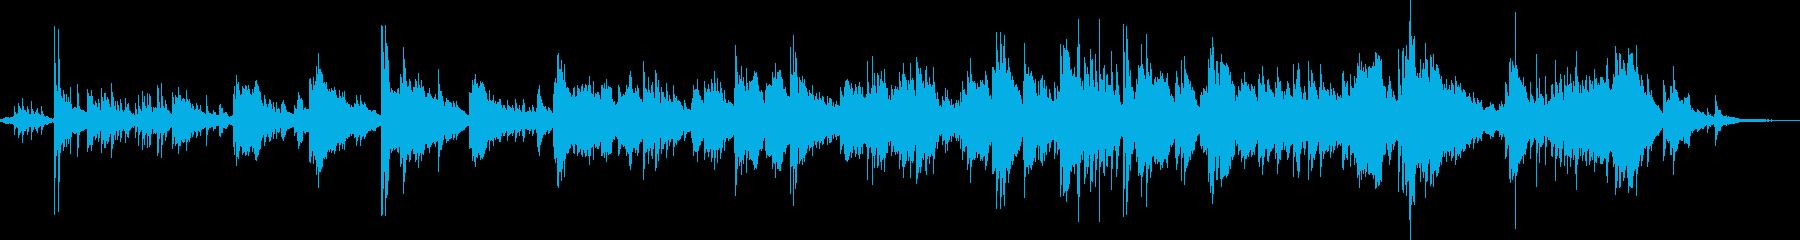 夢見ている様子を表現した即興ピアノ曲の再生済みの波形